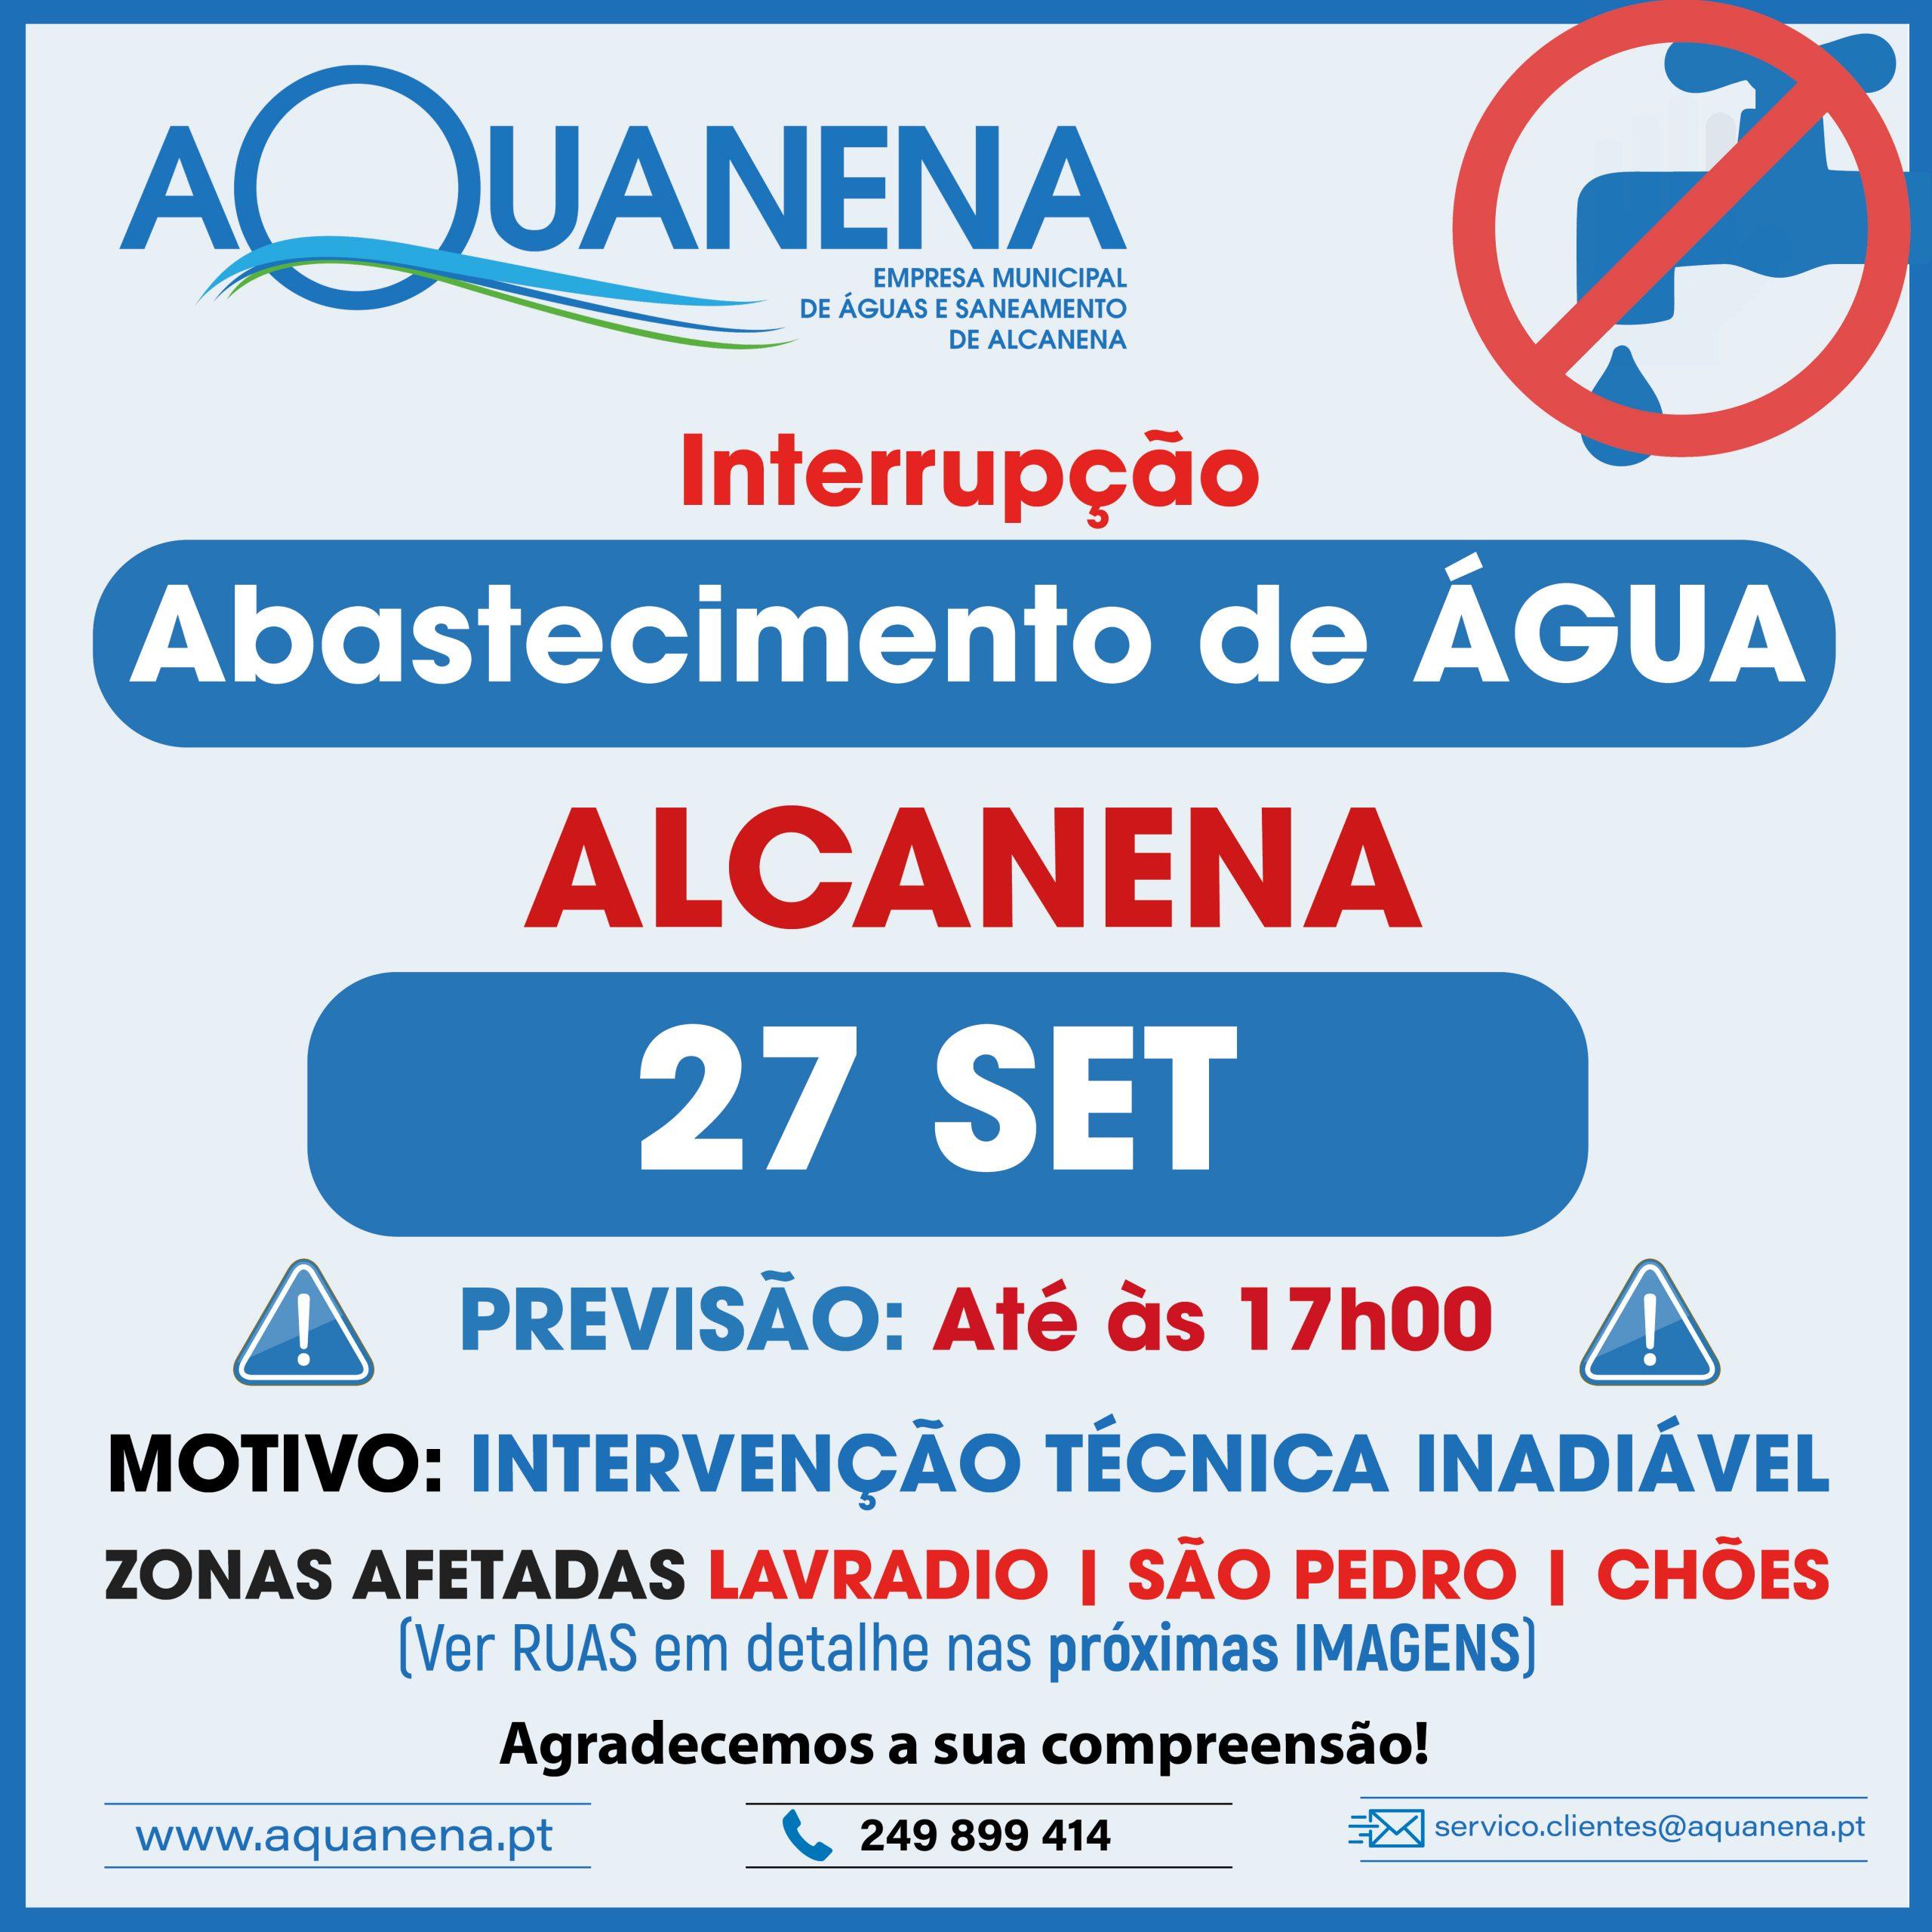 INTERRUPÇÃO DO ABASTECIMENTO de água em ALCANENA | 27 SET